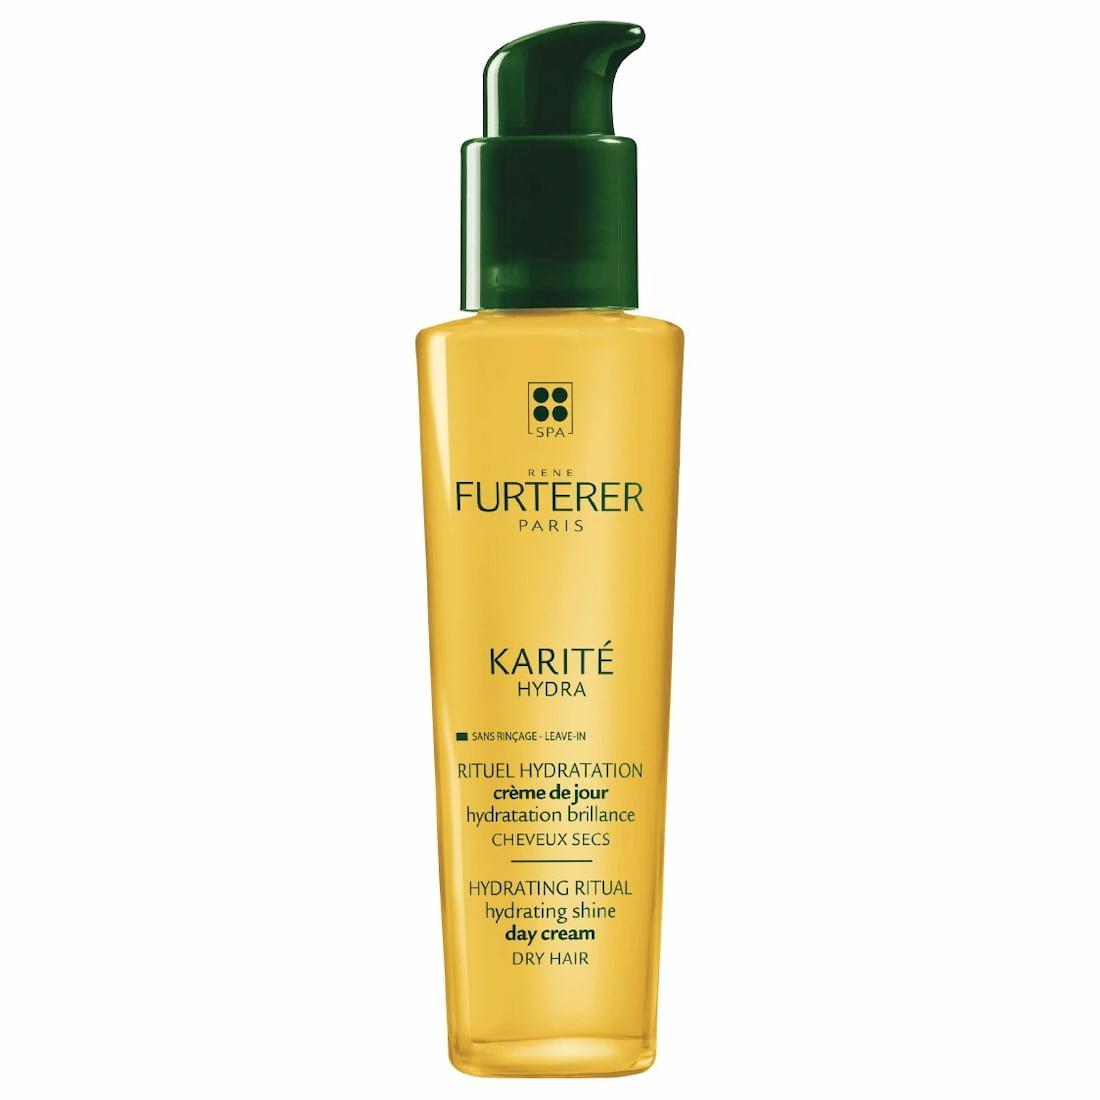 Furterer - Karité Hydra - Crème de jour hydratation brillance 100 ml